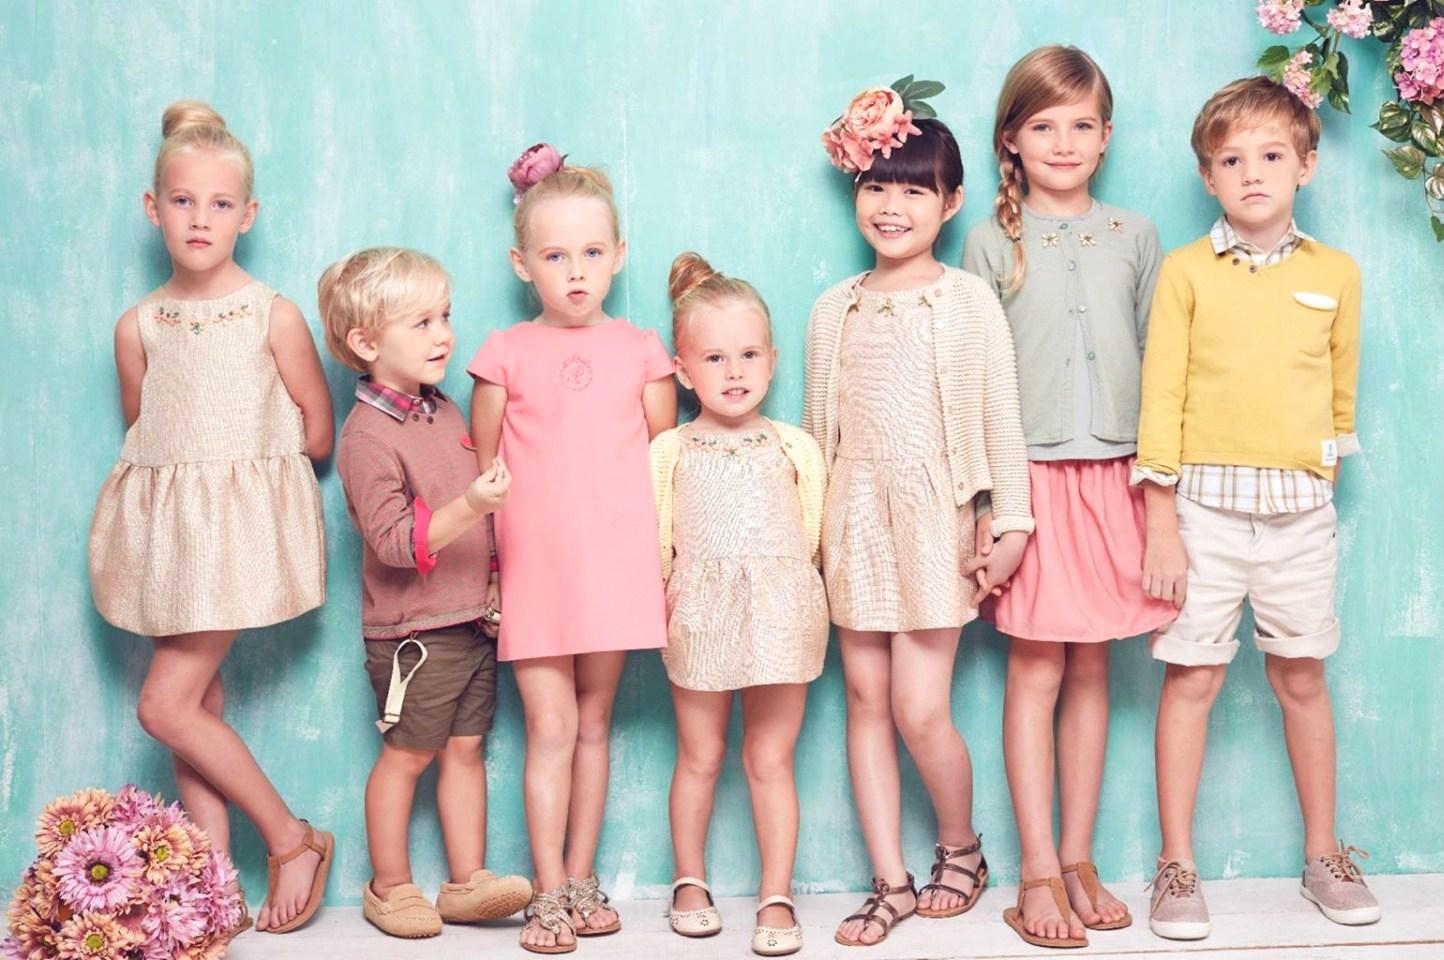 بالصور تسوق ملابس , اروع صور هوس التسوق 3495 1